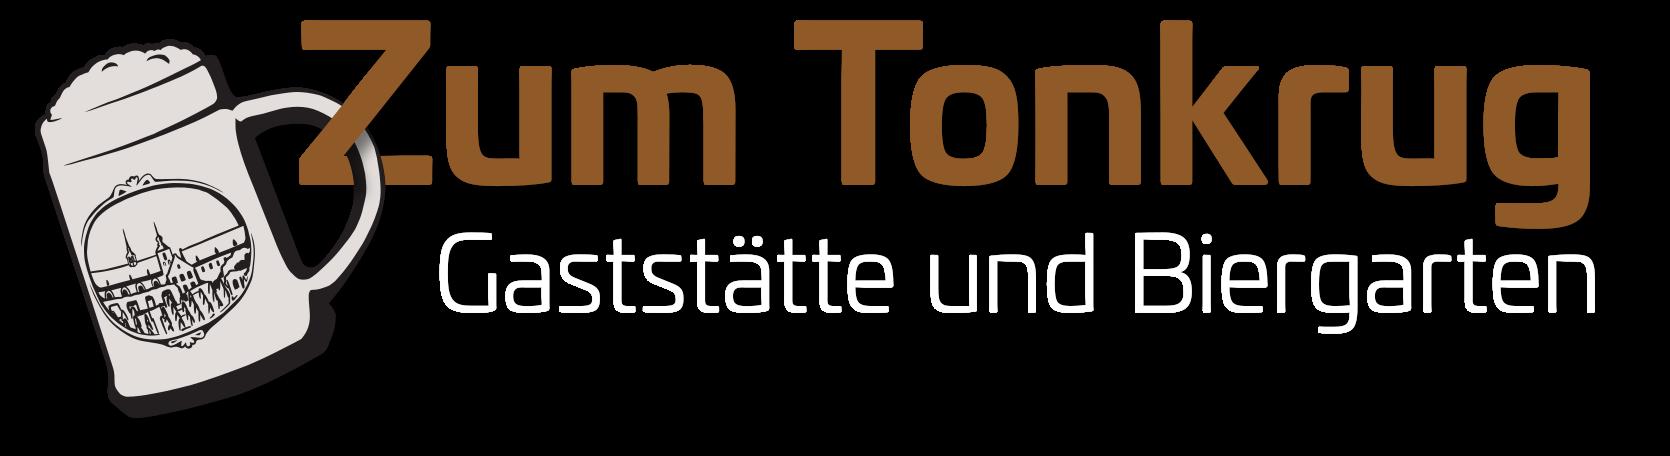 Gaststätte Zum Tonkrug